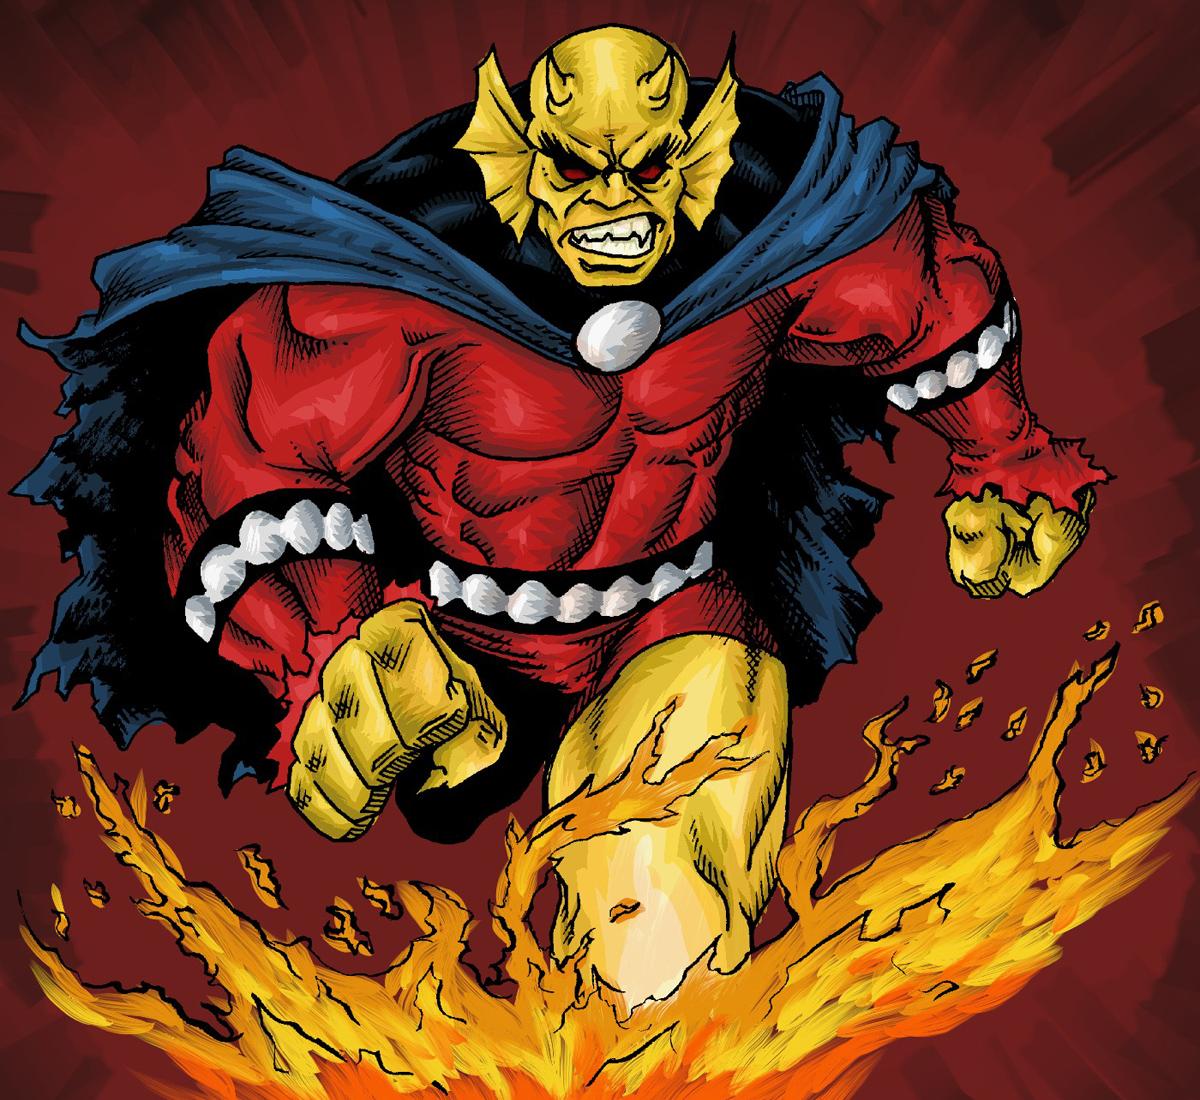 152. The Demon